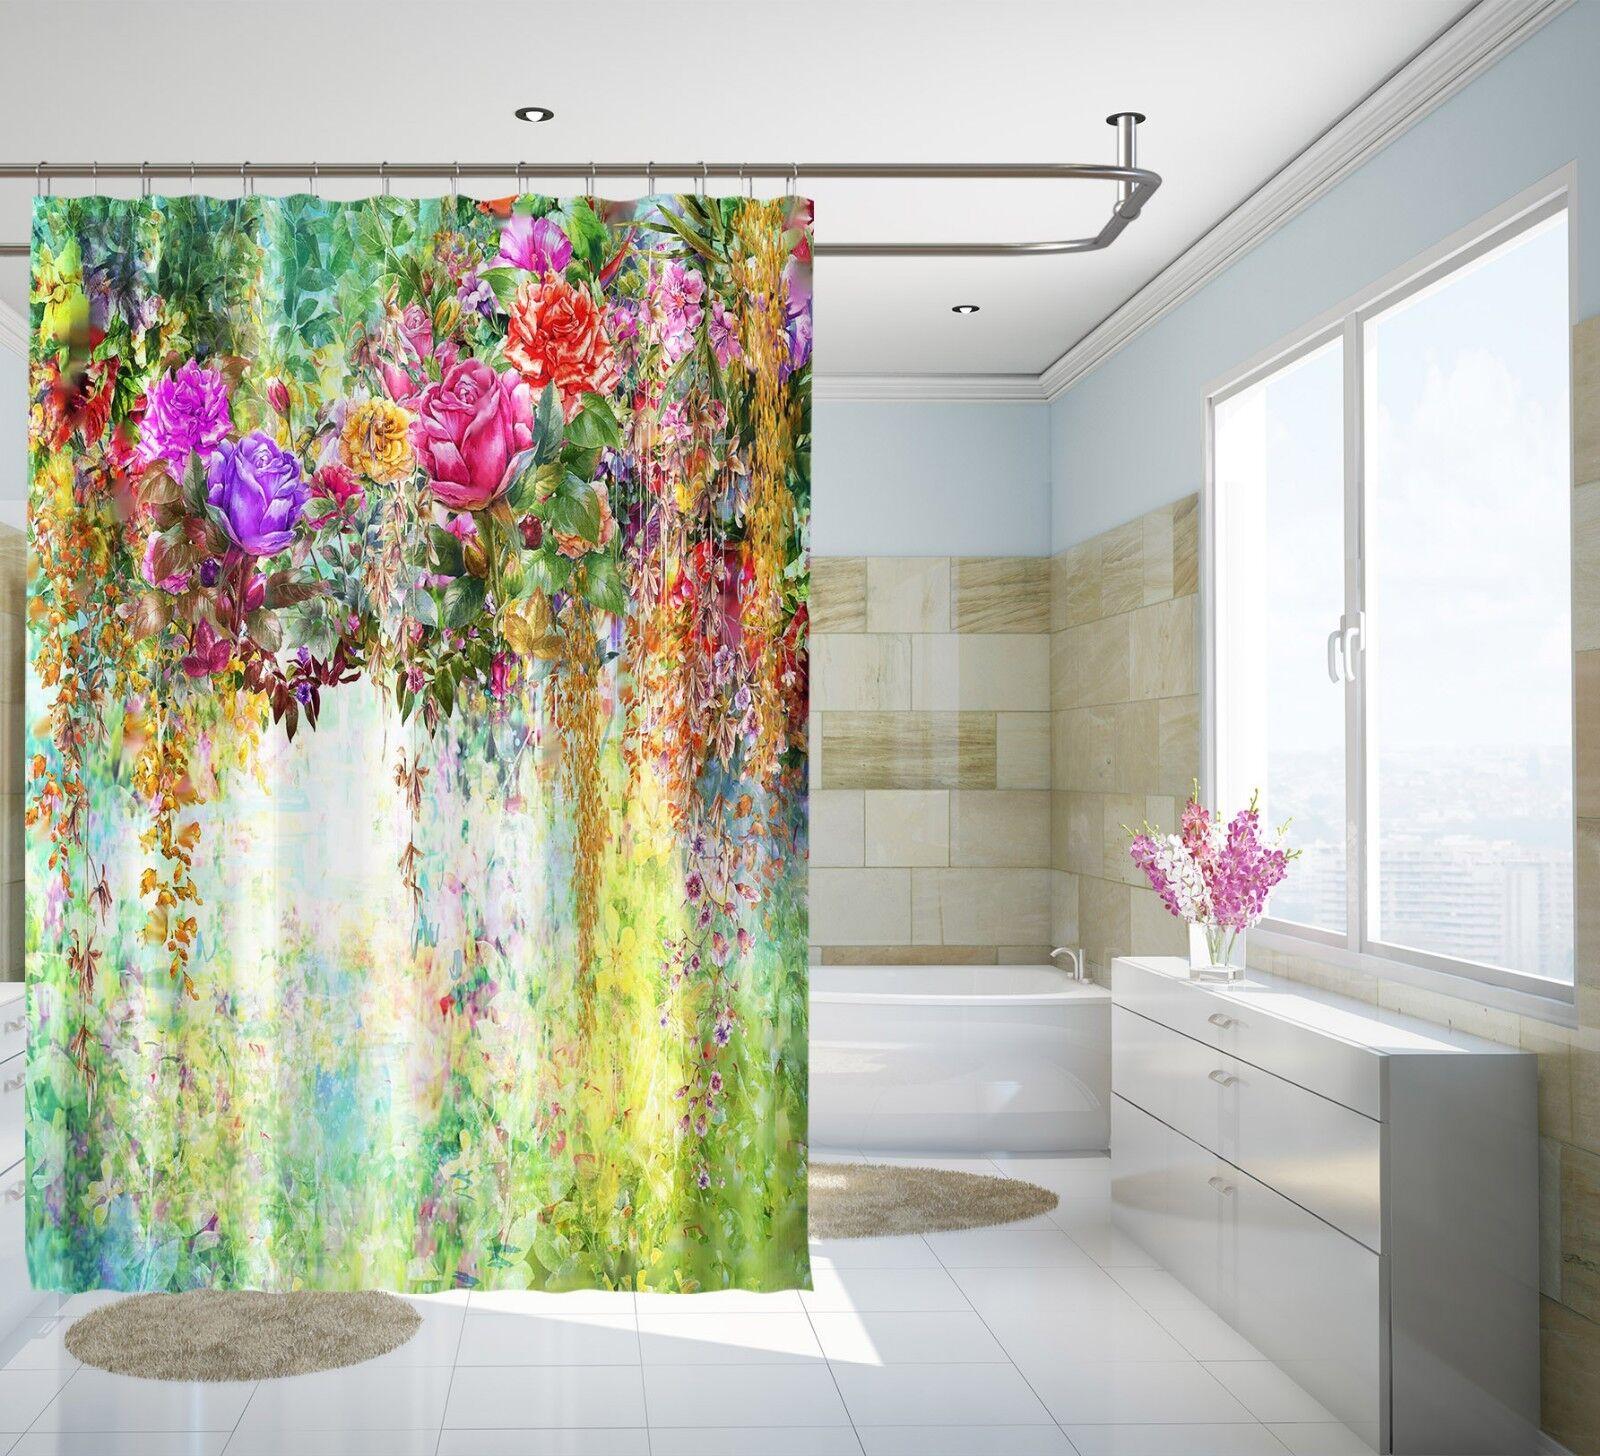 3D 3D 3D Blaume Farbe 67 Duschvorhang Wasserdicht Faser Bad Daheim Windows Toilette DE | Verrückter Preis, Birmingham  | Hat einen langen Ruf  1f53e2